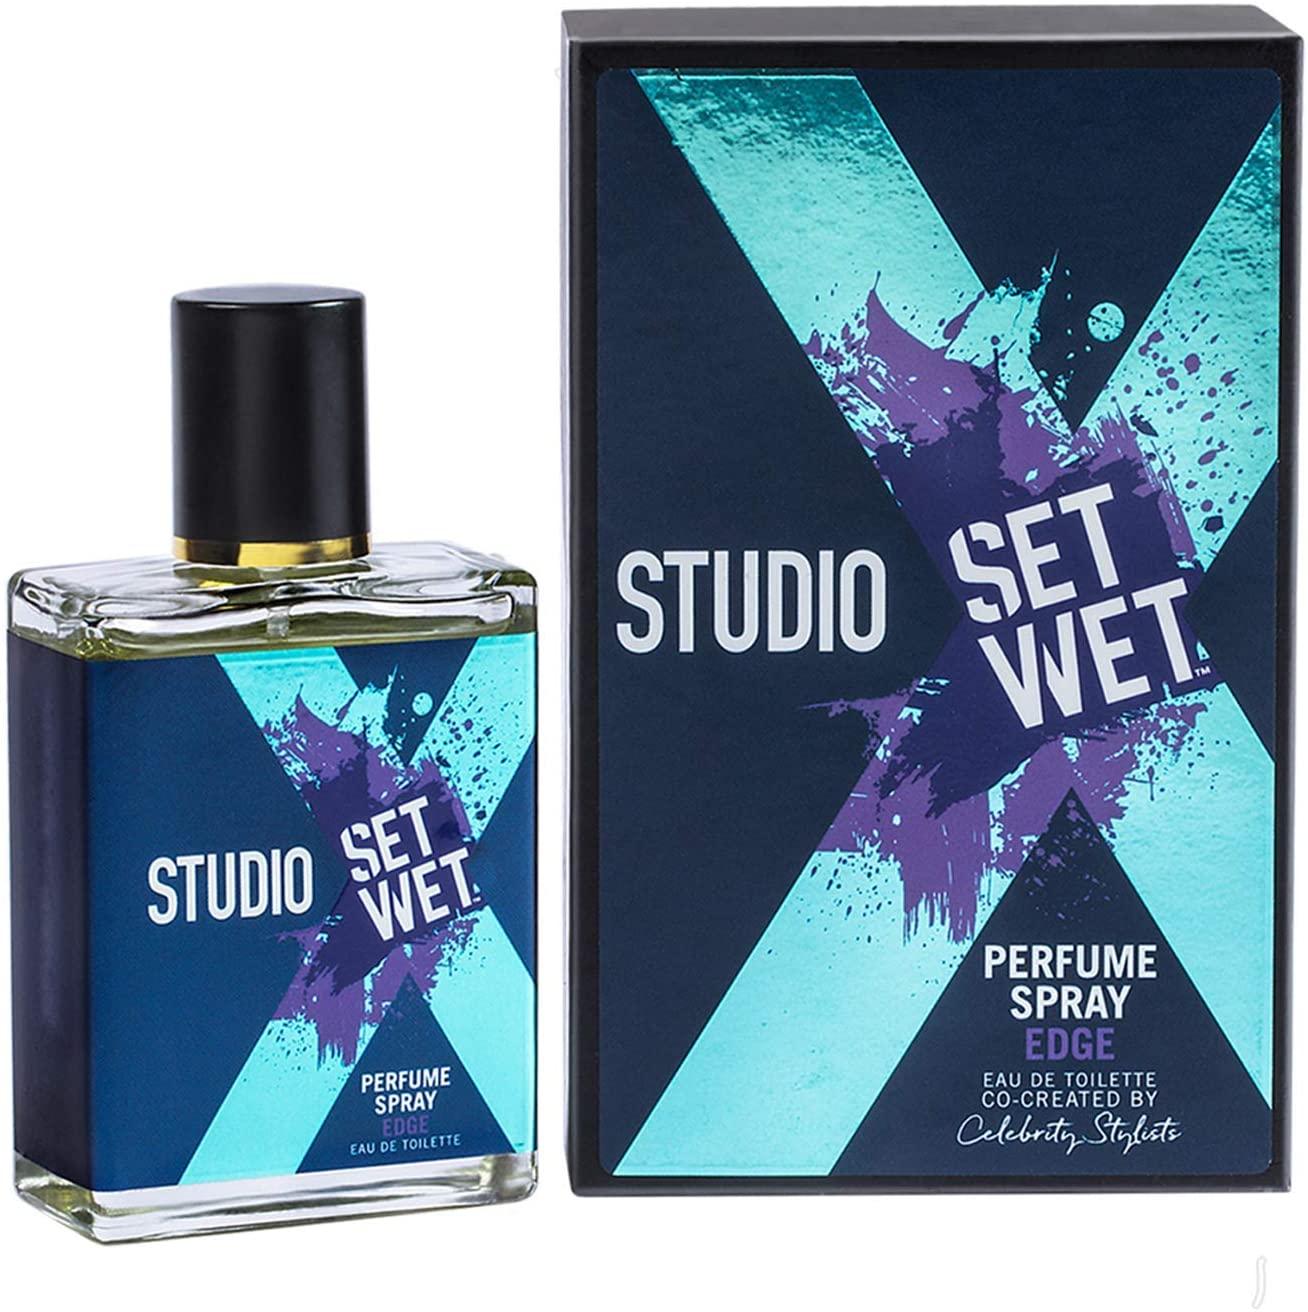 Set Wet Studio